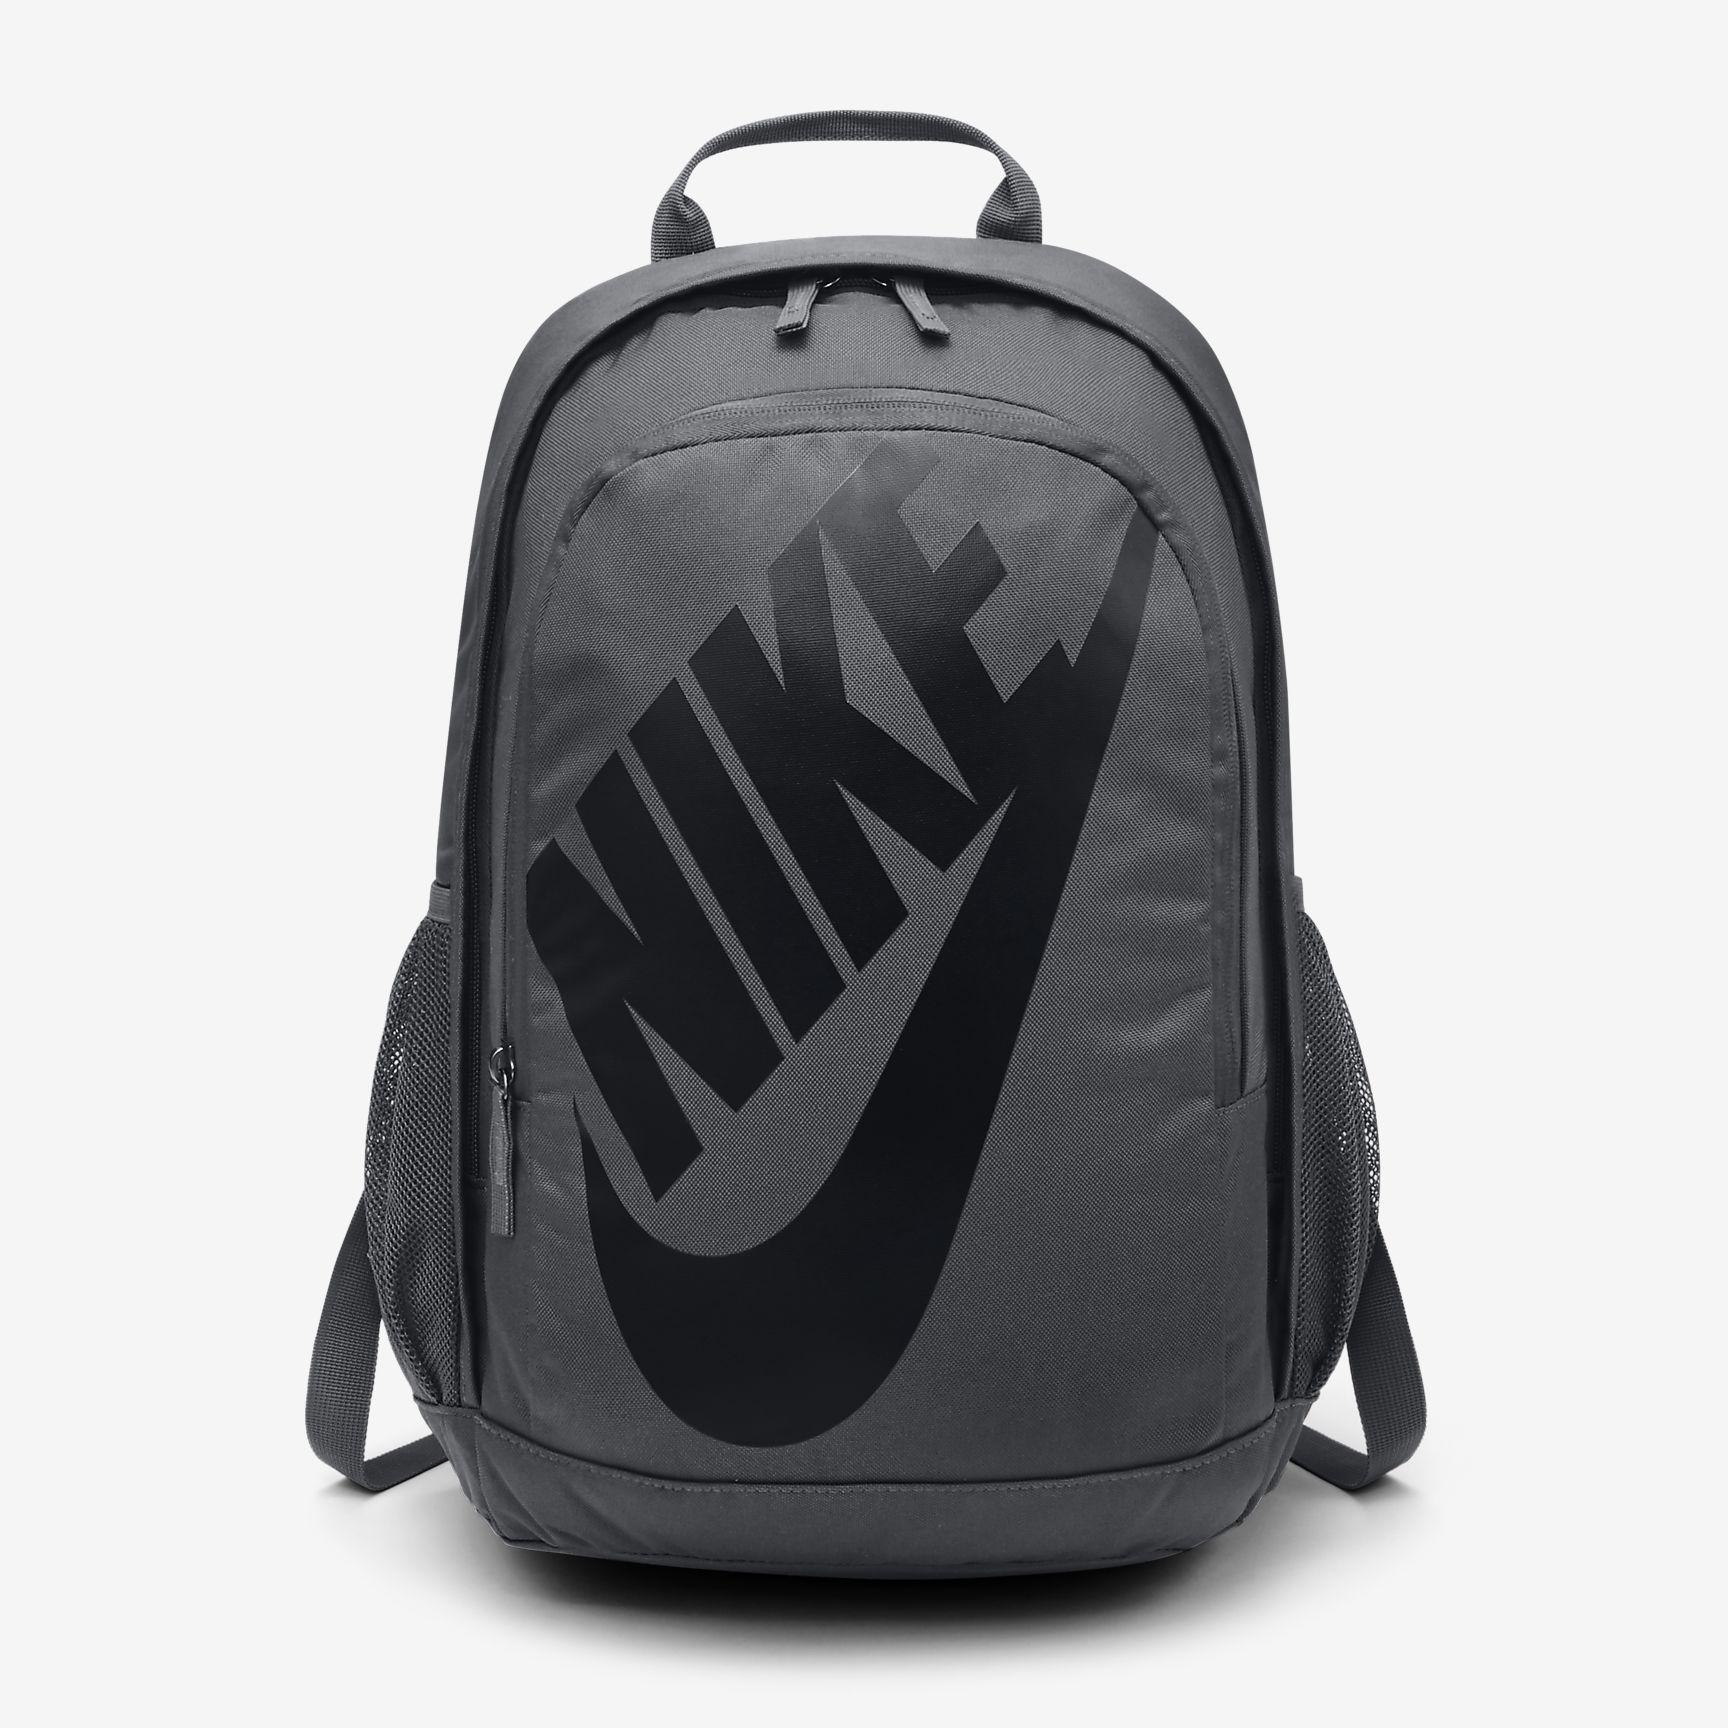 Nike Hayward Futura 2.0 Backpack - SPORTING GOODS Backpacks  05b18e9594932